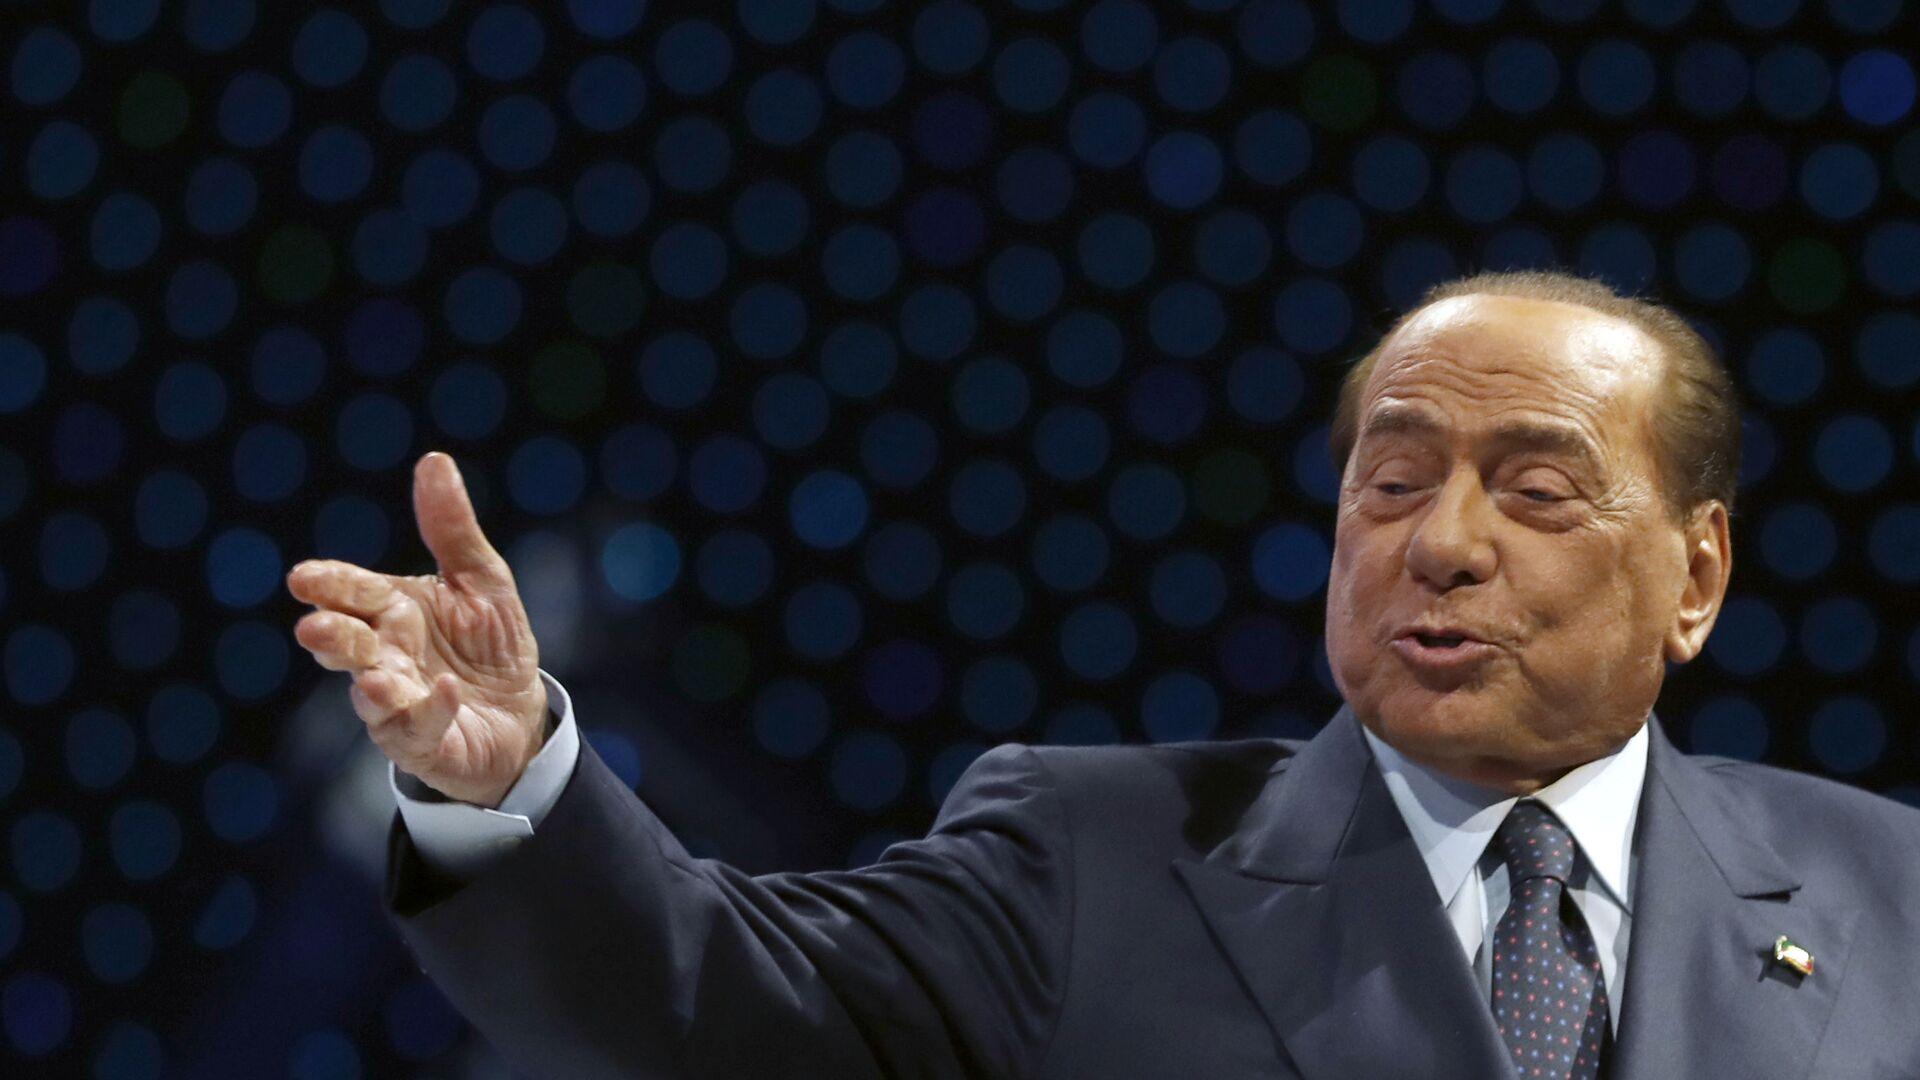 Экс-премьер Италии Сильвио Берлускони во время выступления в Загребе, Хорватия - Sputnik Italia, 1920, 05.09.2021